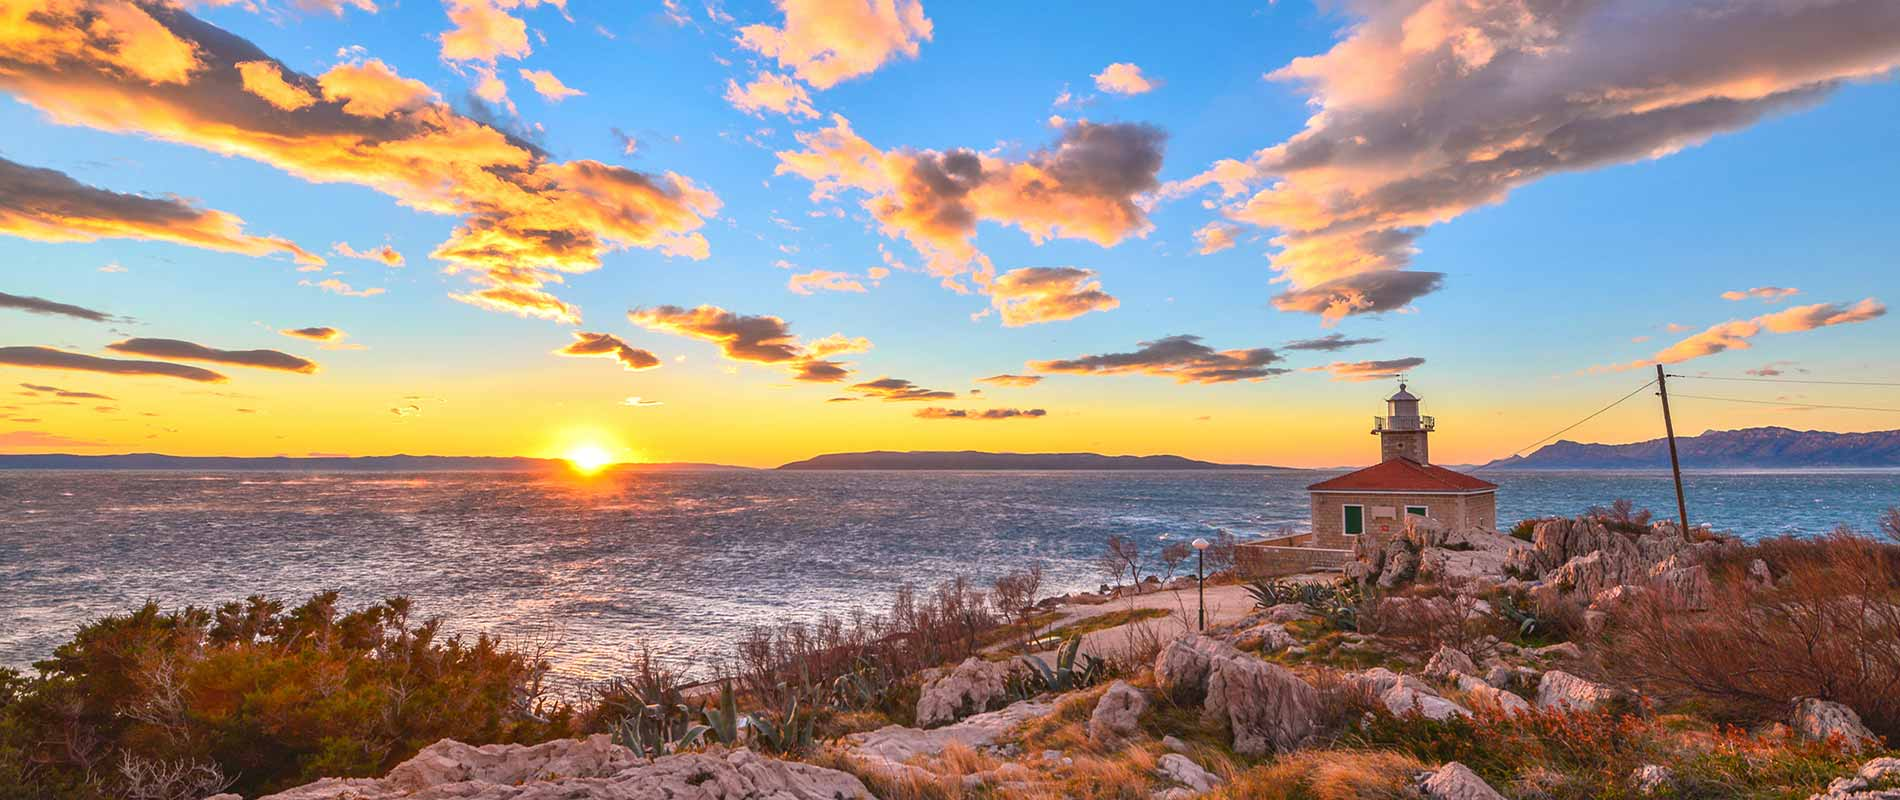 Urige Ferienhäuser in ruhigen Urlaubsorten